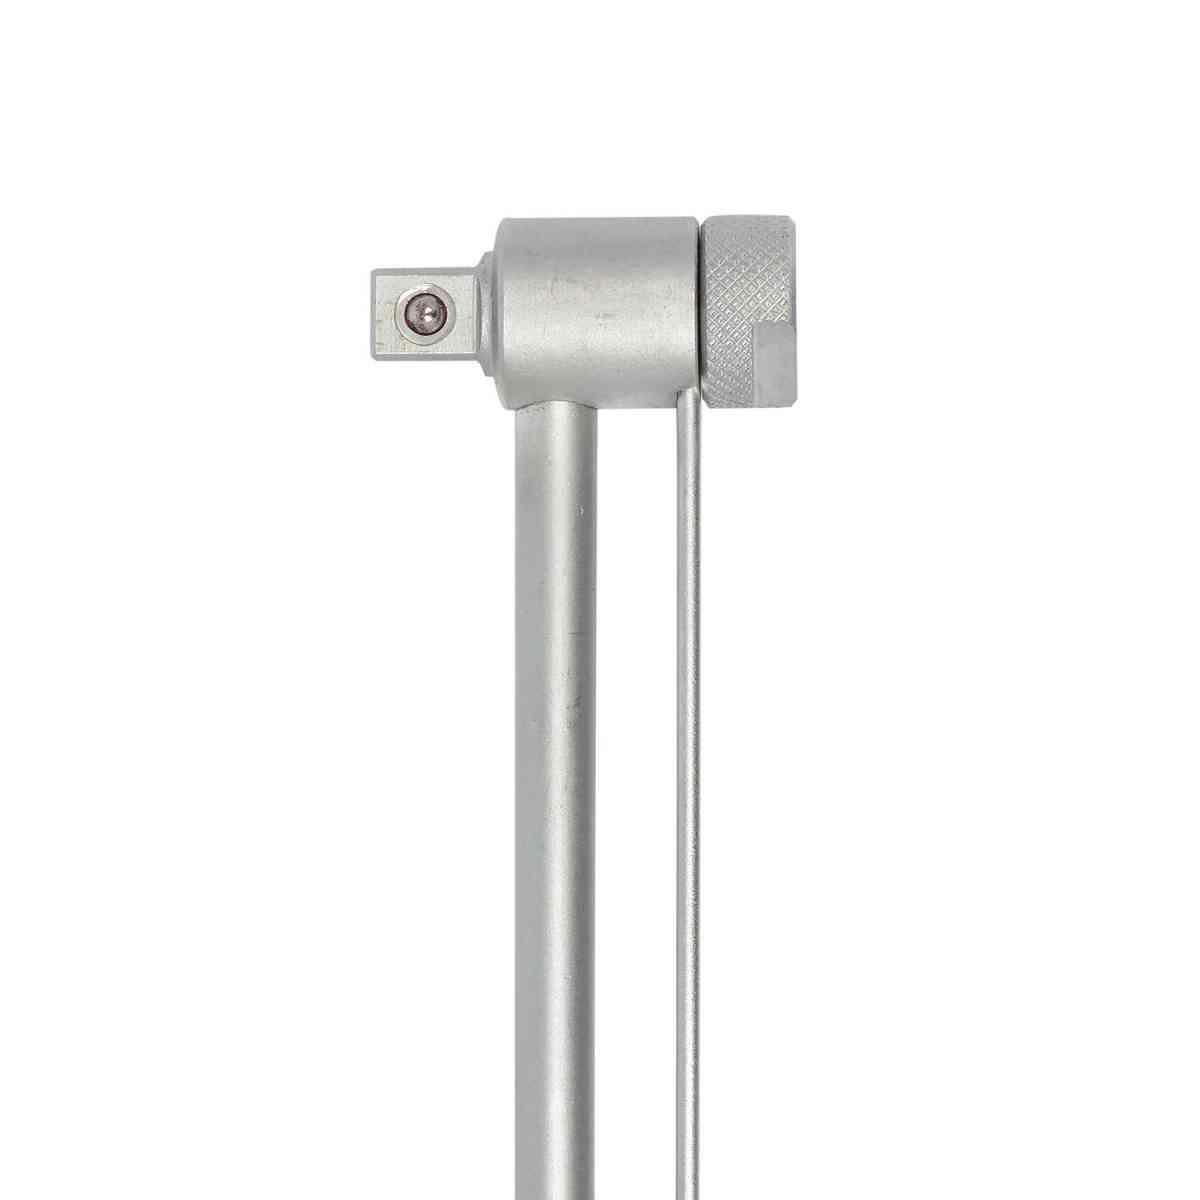 Torquímetro Flex-O-Click (Linha L com Estalo) 3 a 16 Kgfm 4556 L120 Gedore